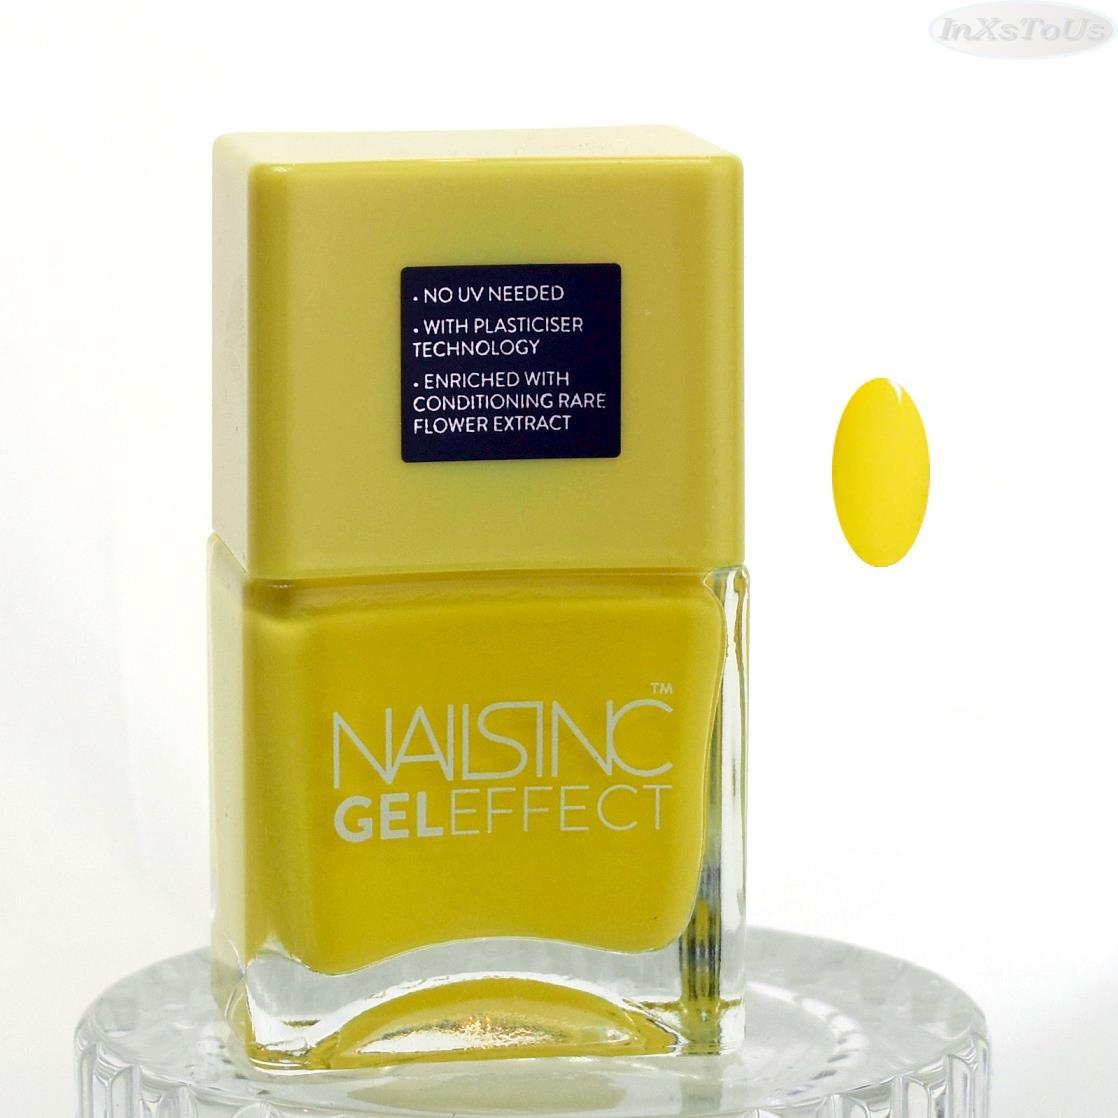 Nails Inc GEL Effect Nail Polish 0.47 Oz Choose Your Shade Seven ...